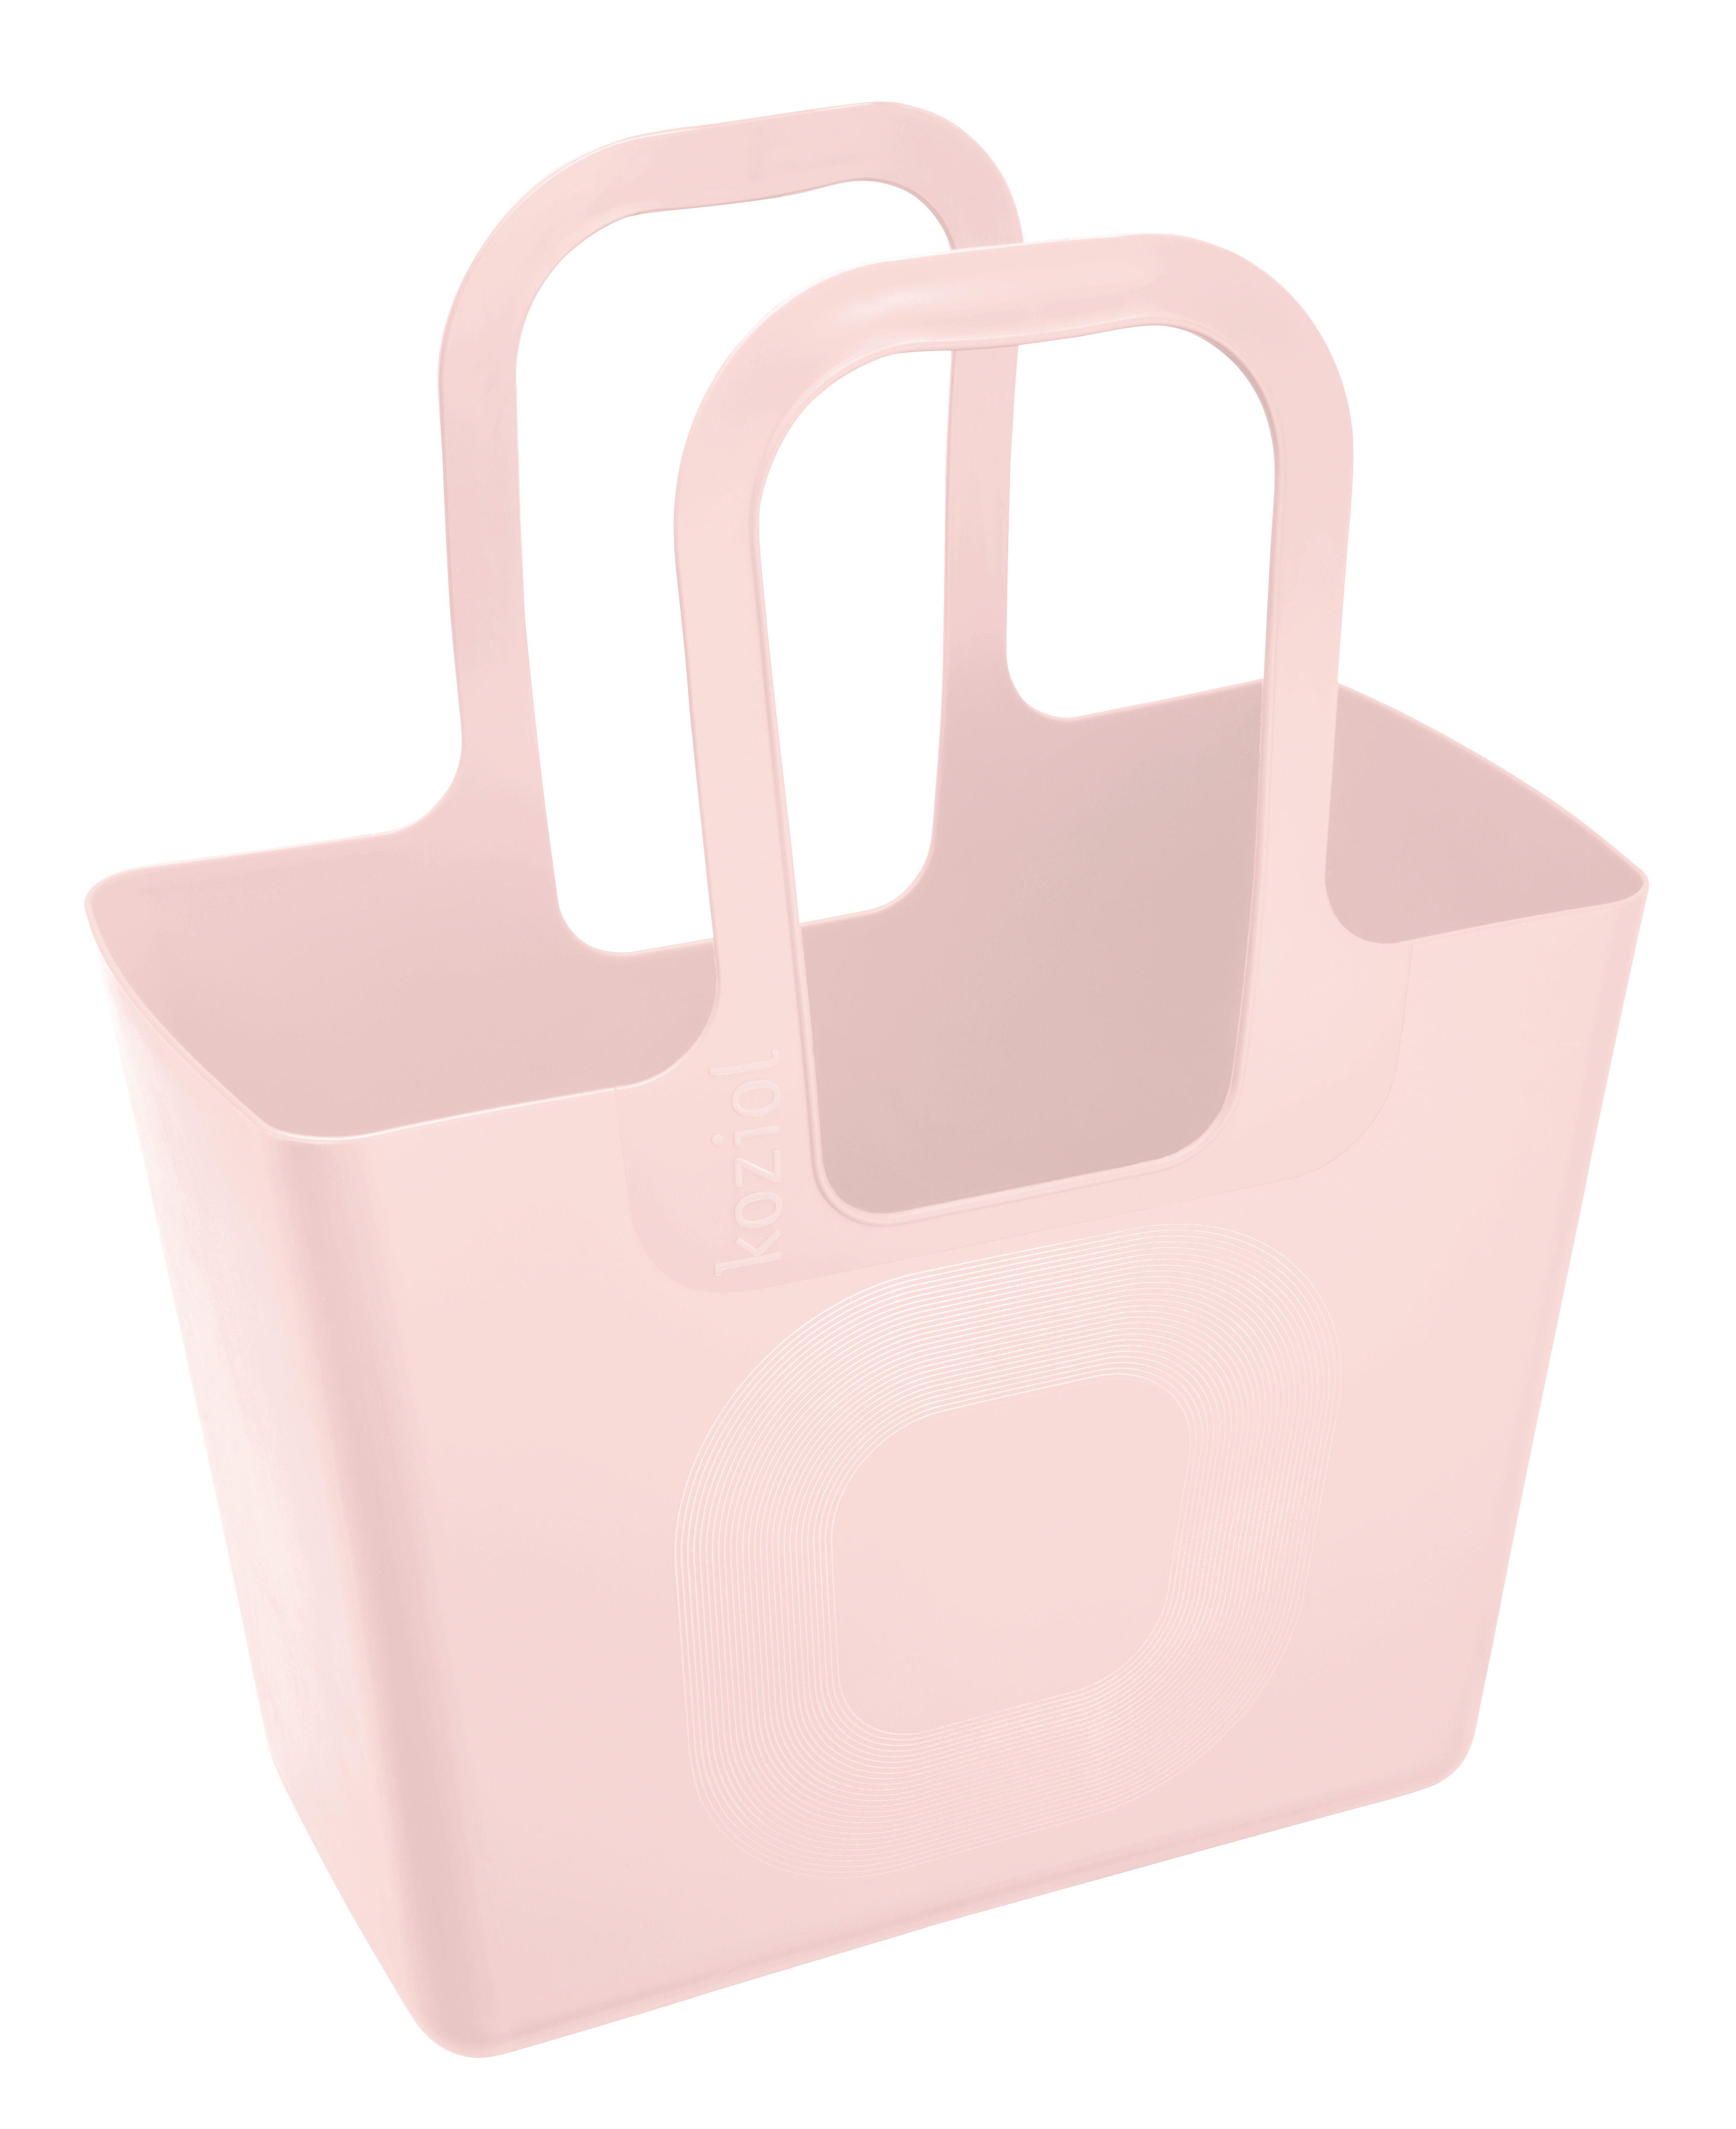 Déco - Pour les enfants - Panier Tasche XL / L 44 x H 54 cm - Koziol - Rose Queen - Plastique